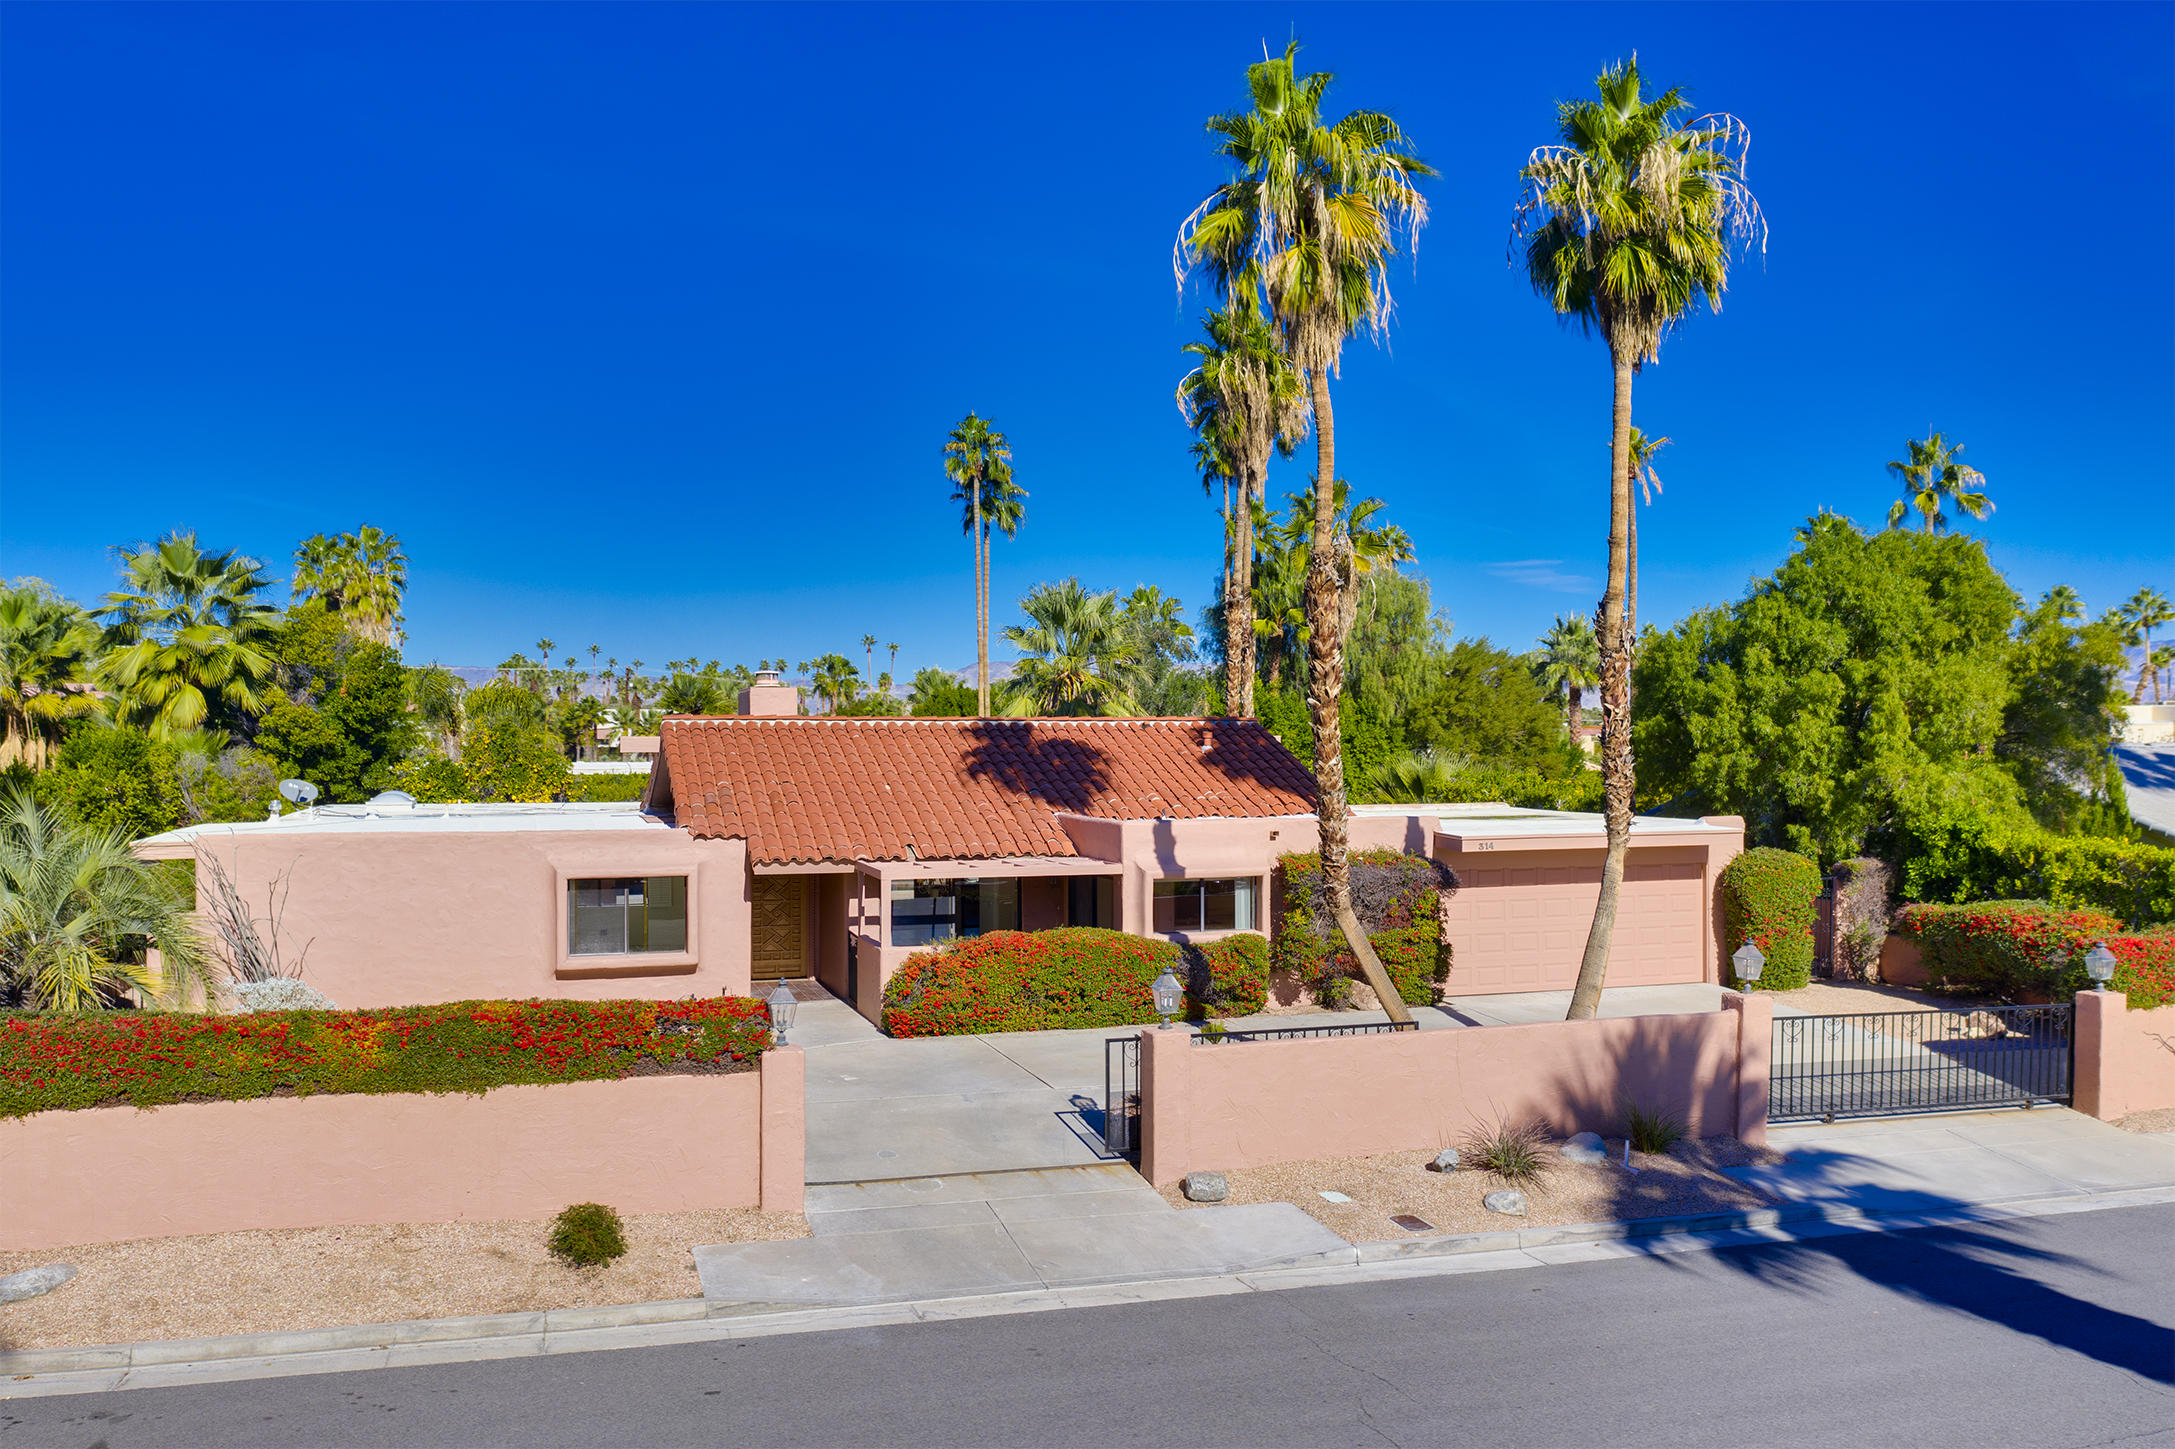 Photo of 314 W ViA Sol, Palm Springs, CA 92262